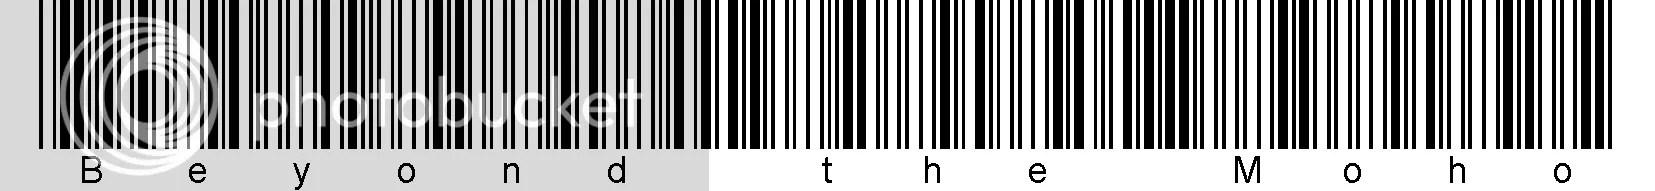 Code39 (Full ASCII)